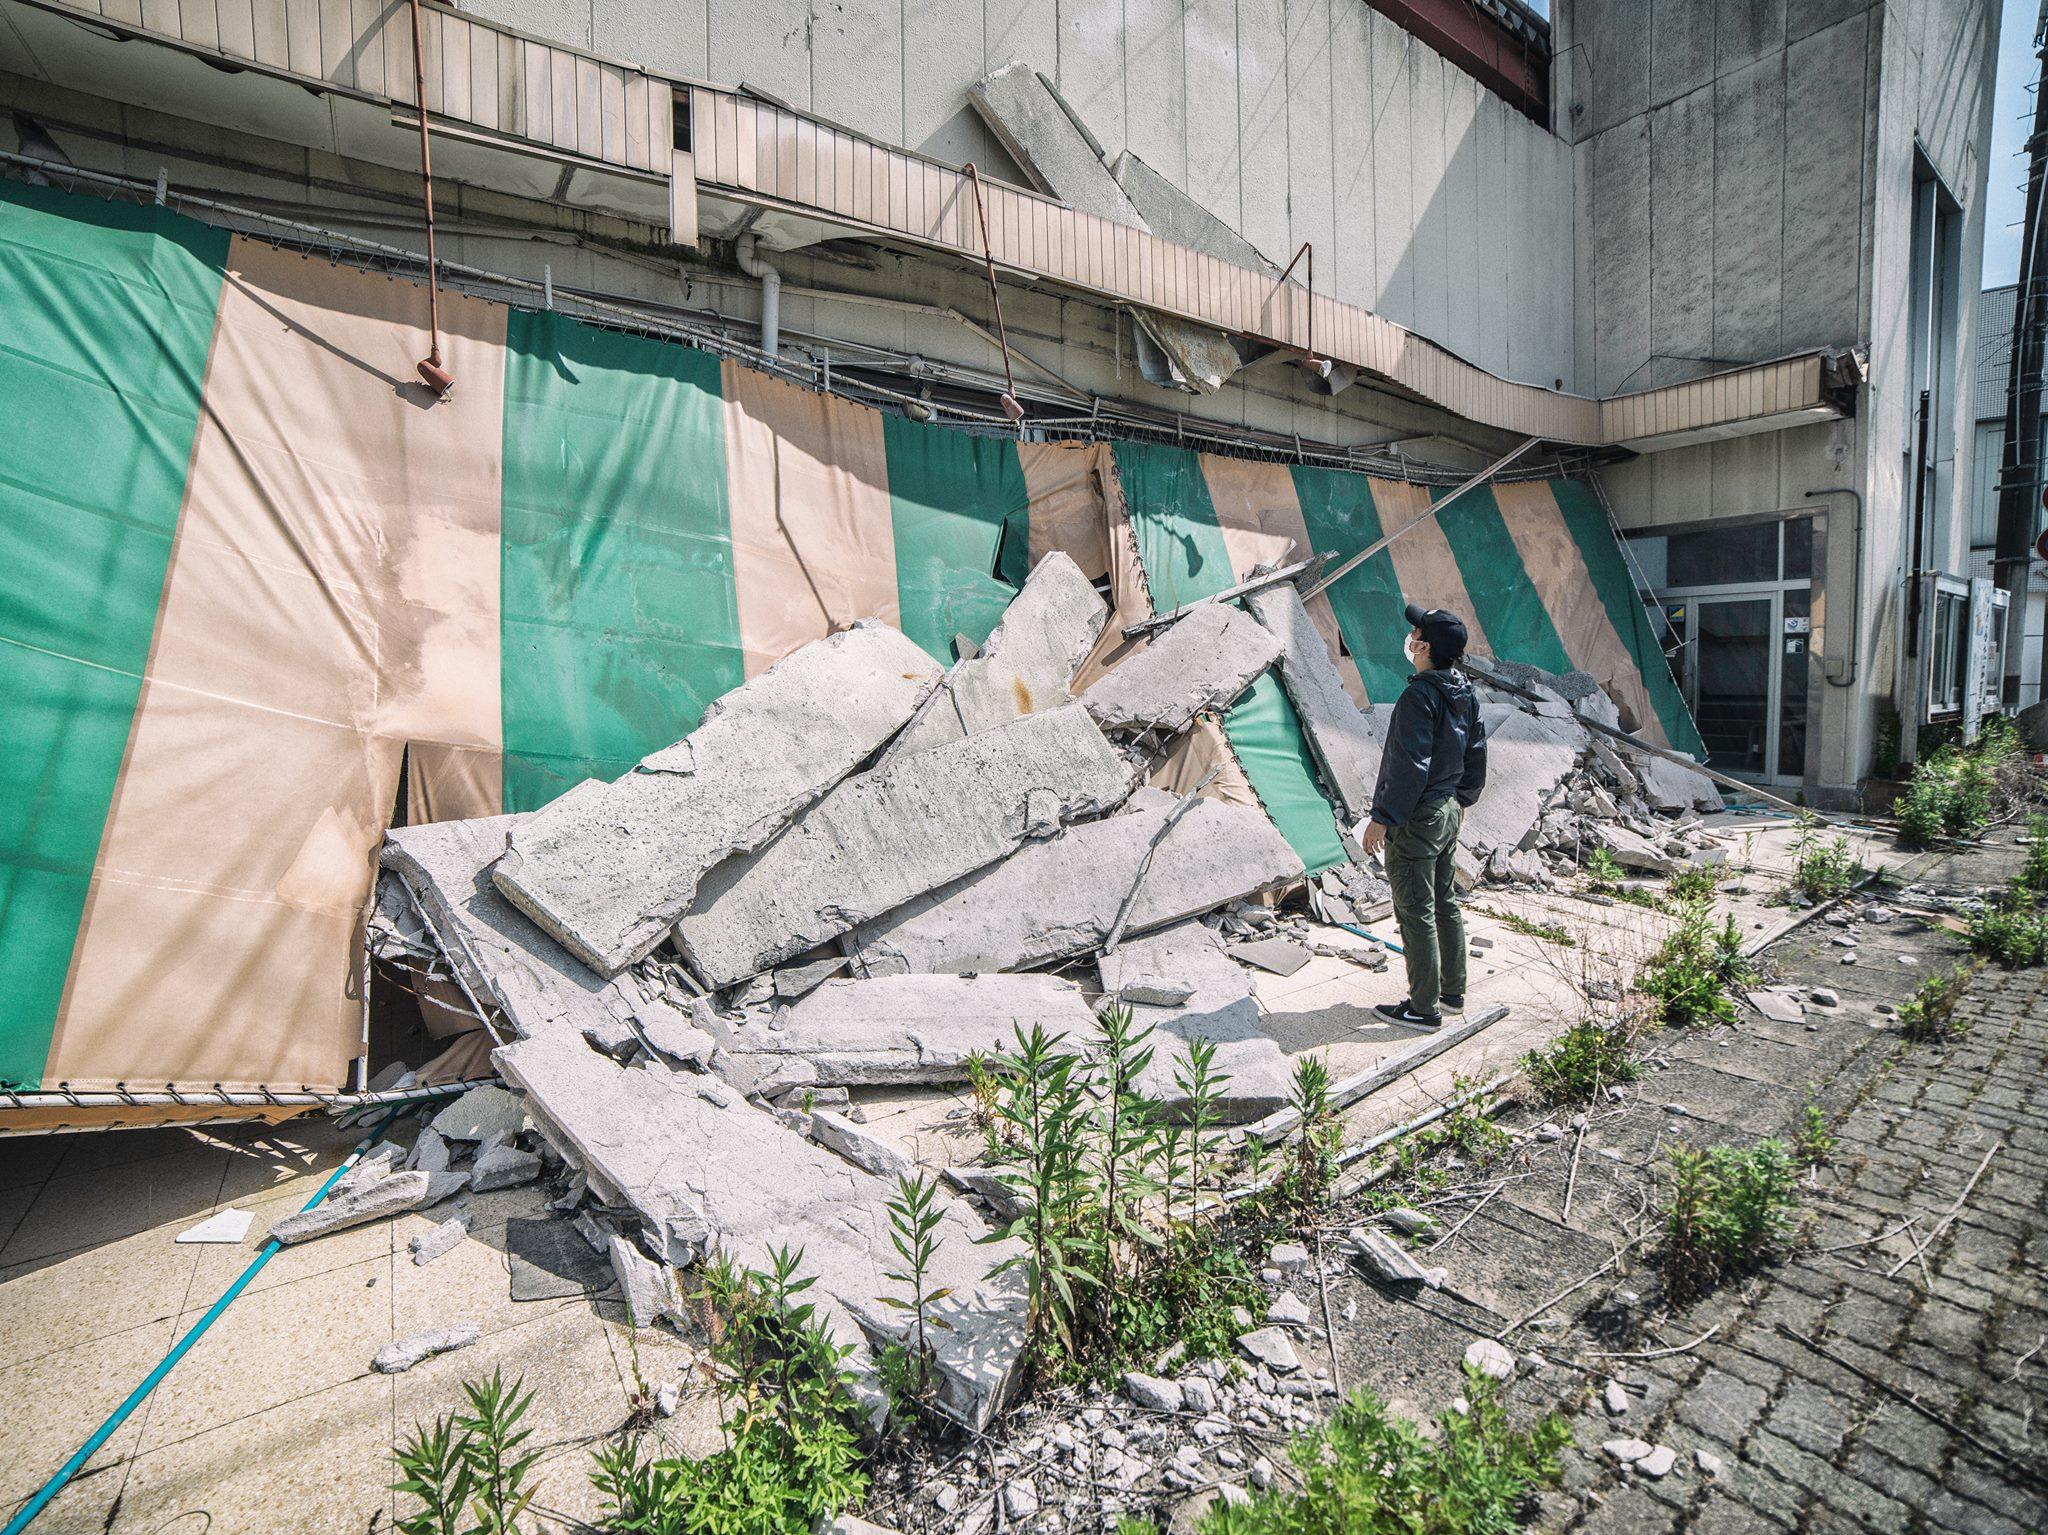 como es fukushima 5 años después del desastre 12